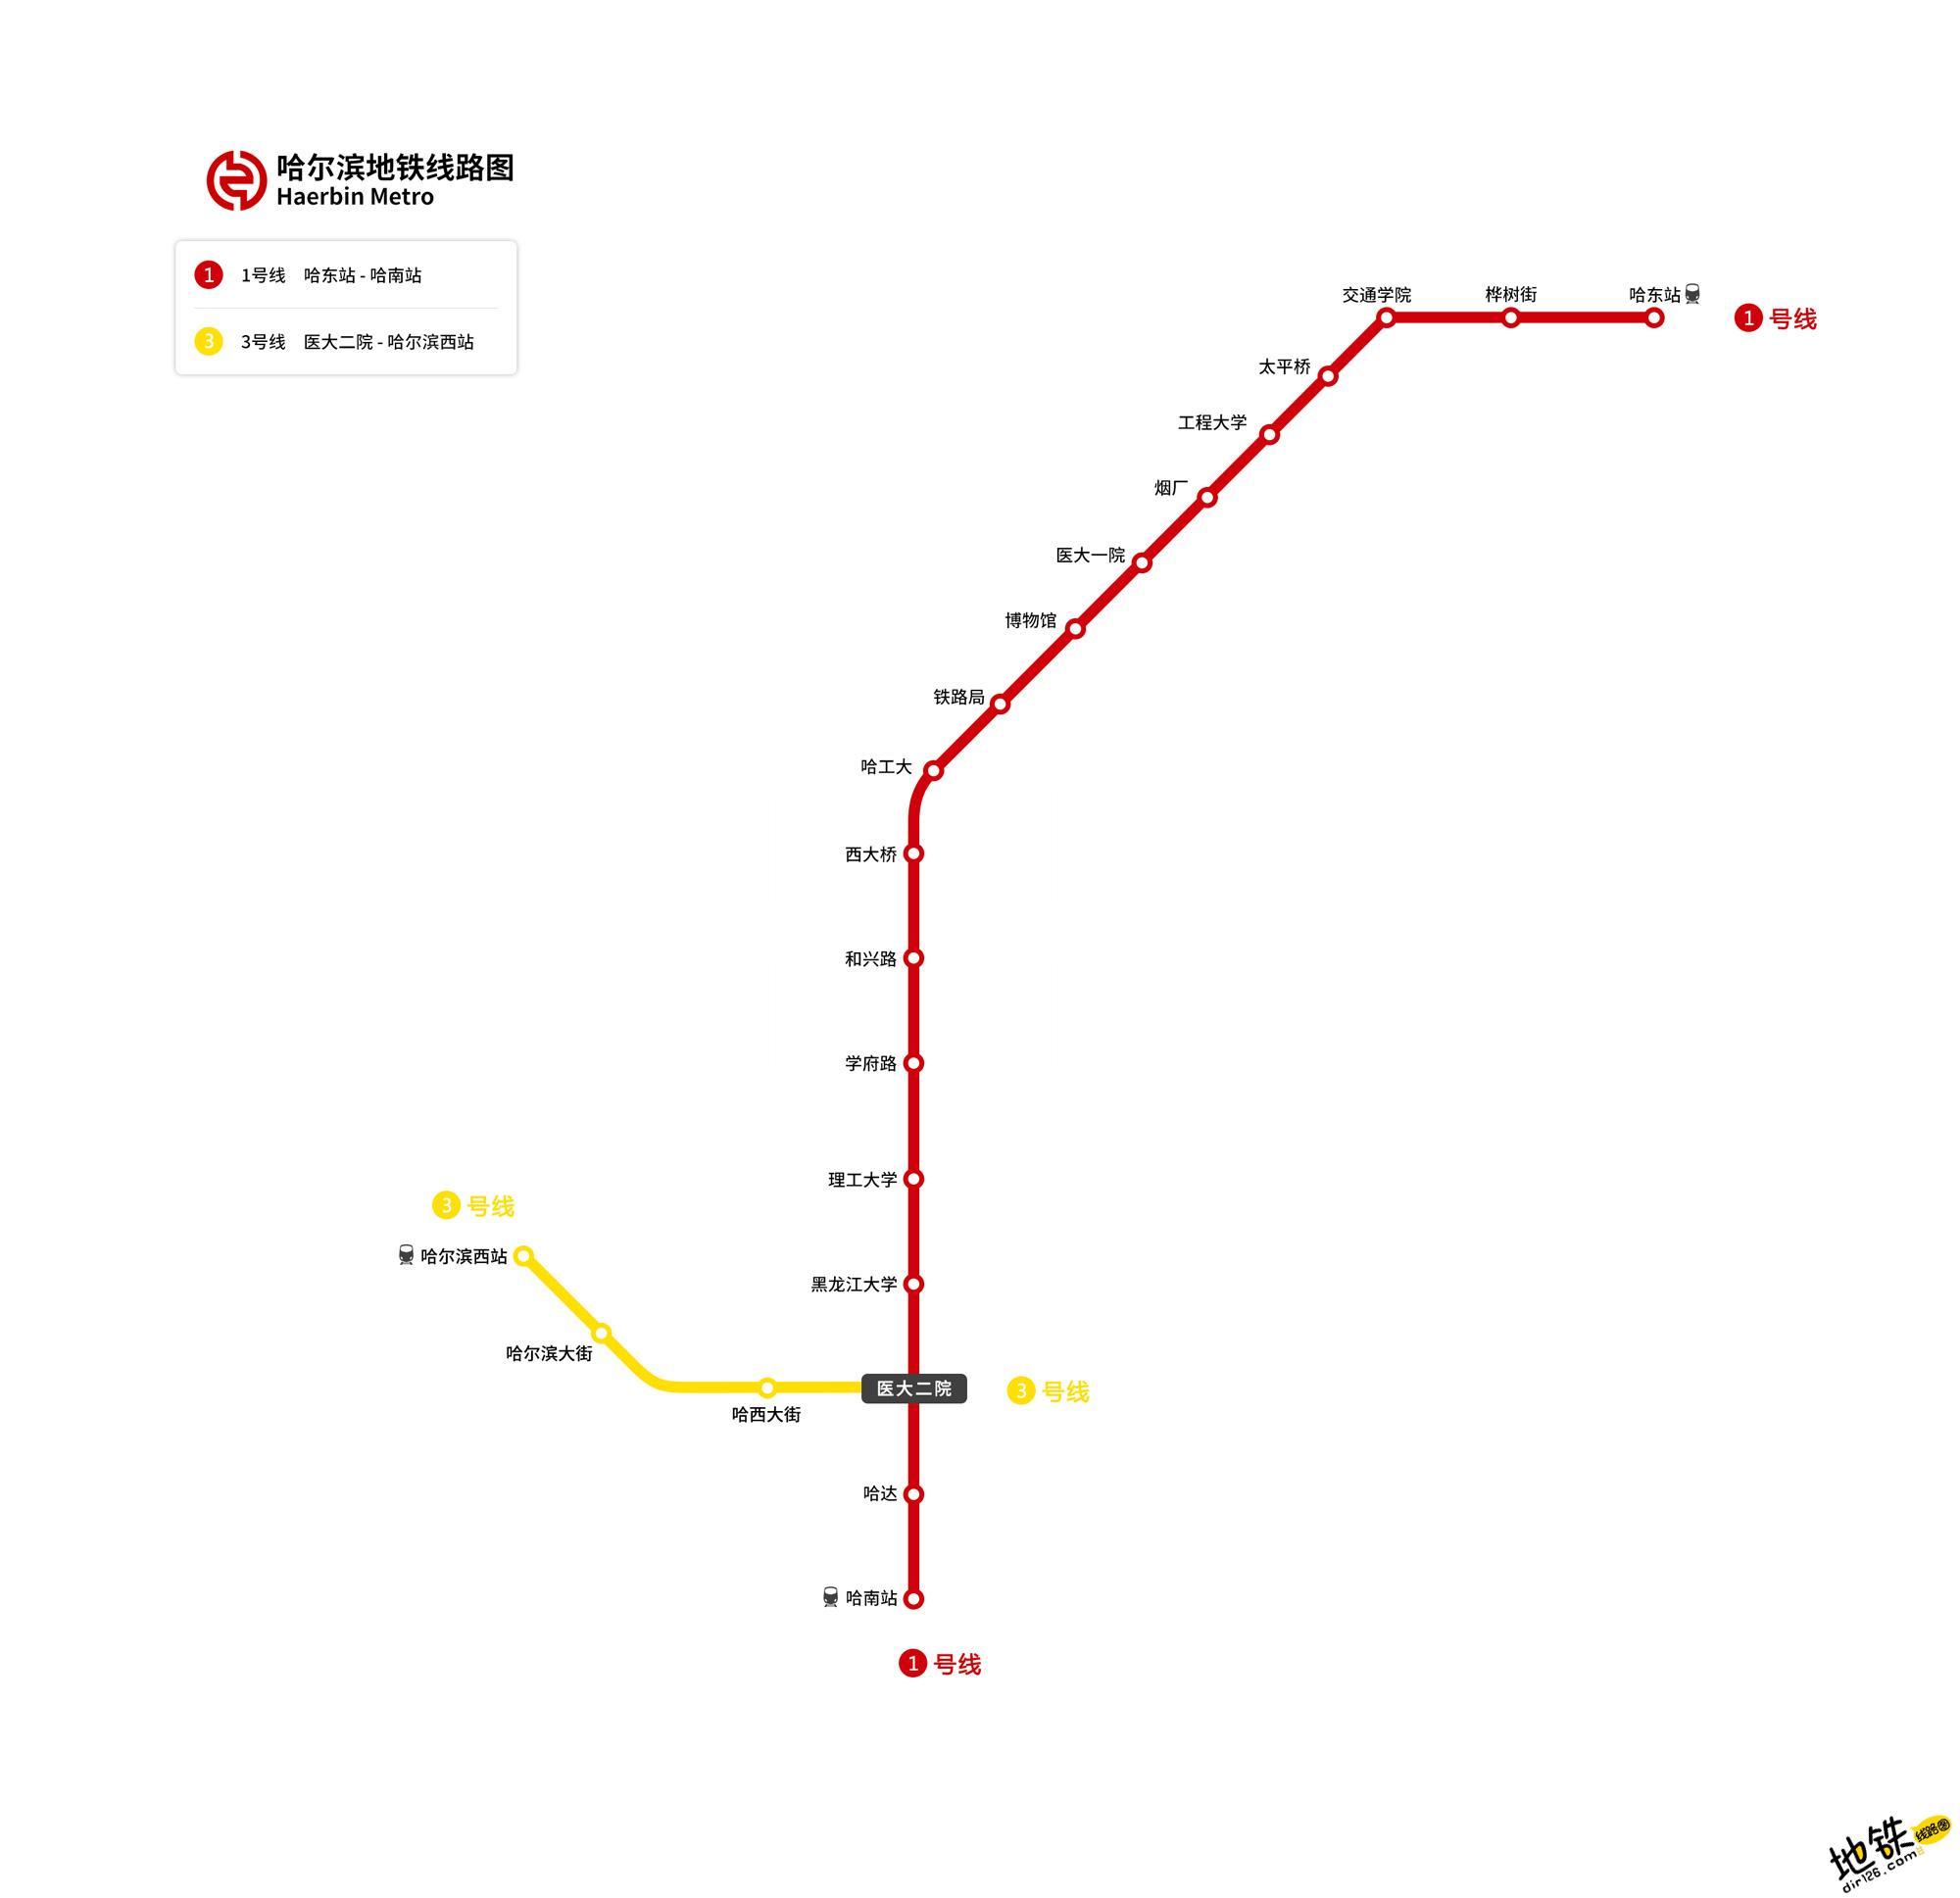 哈尔滨地铁线路图 运营时间票价站点 查询下载 哈尔滨地铁查询 哈尔滨地铁线路图 哈尔滨地铁票价 哈尔滨地铁运营时间 哈尔滨地铁 哈尔滨地铁线路图  第1张